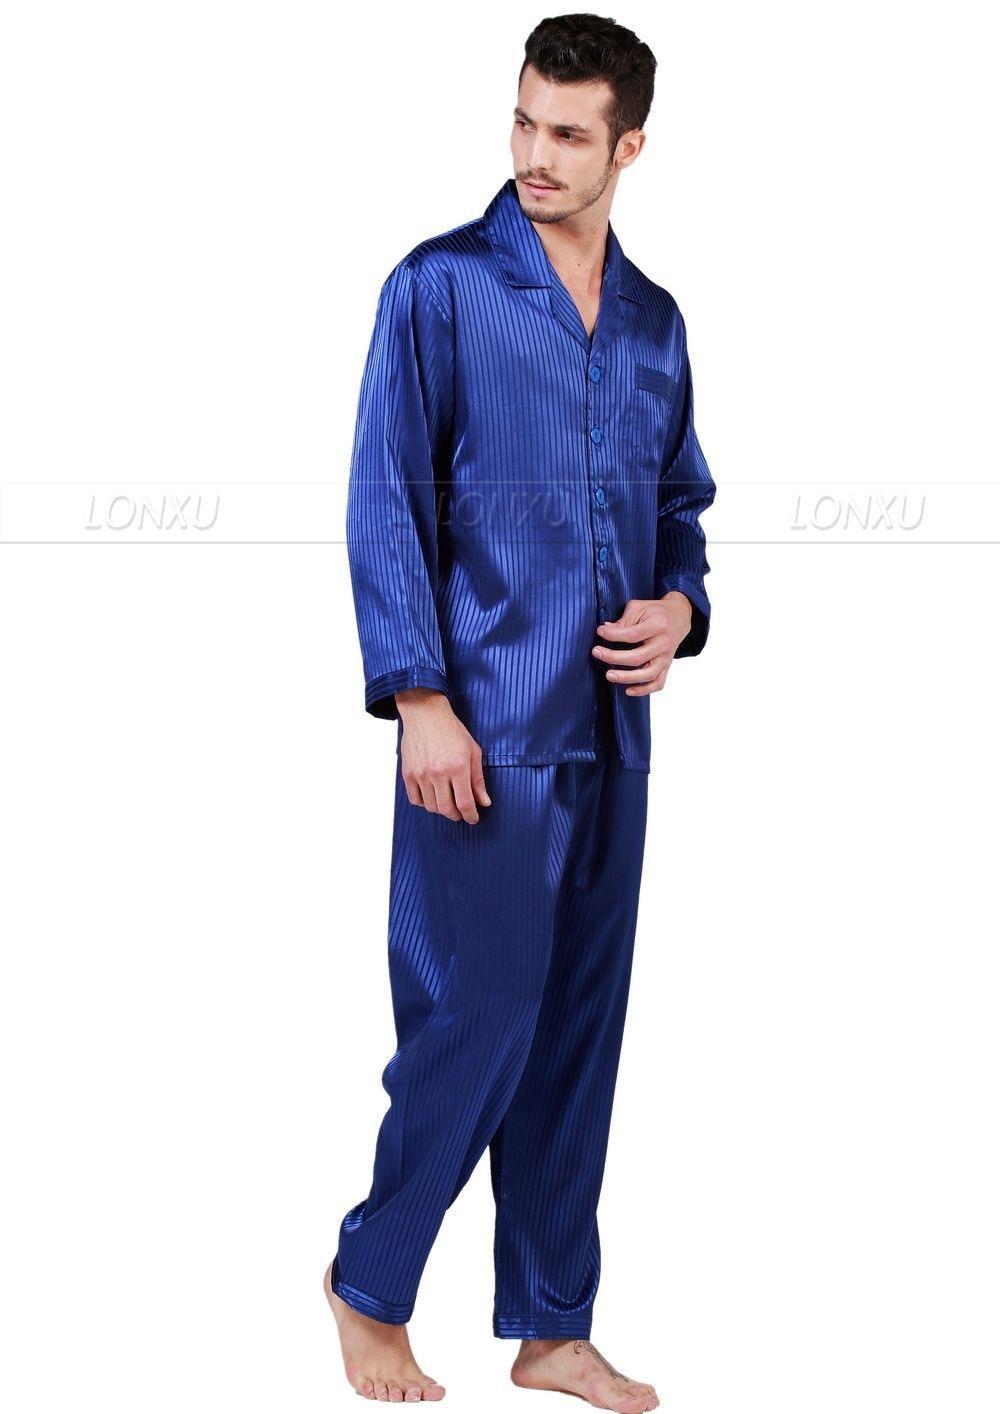 Image 3 - Мужские шелковые атласные пижамы набор пижамы Пижамный Набор пижамы Домашняя одежда S ~ 4XL большие и высокие-in Пижамные комплекты для мужчин from Нижнее белье и пижамы on AliExpress - 11.11_Double 11_Singles' Day